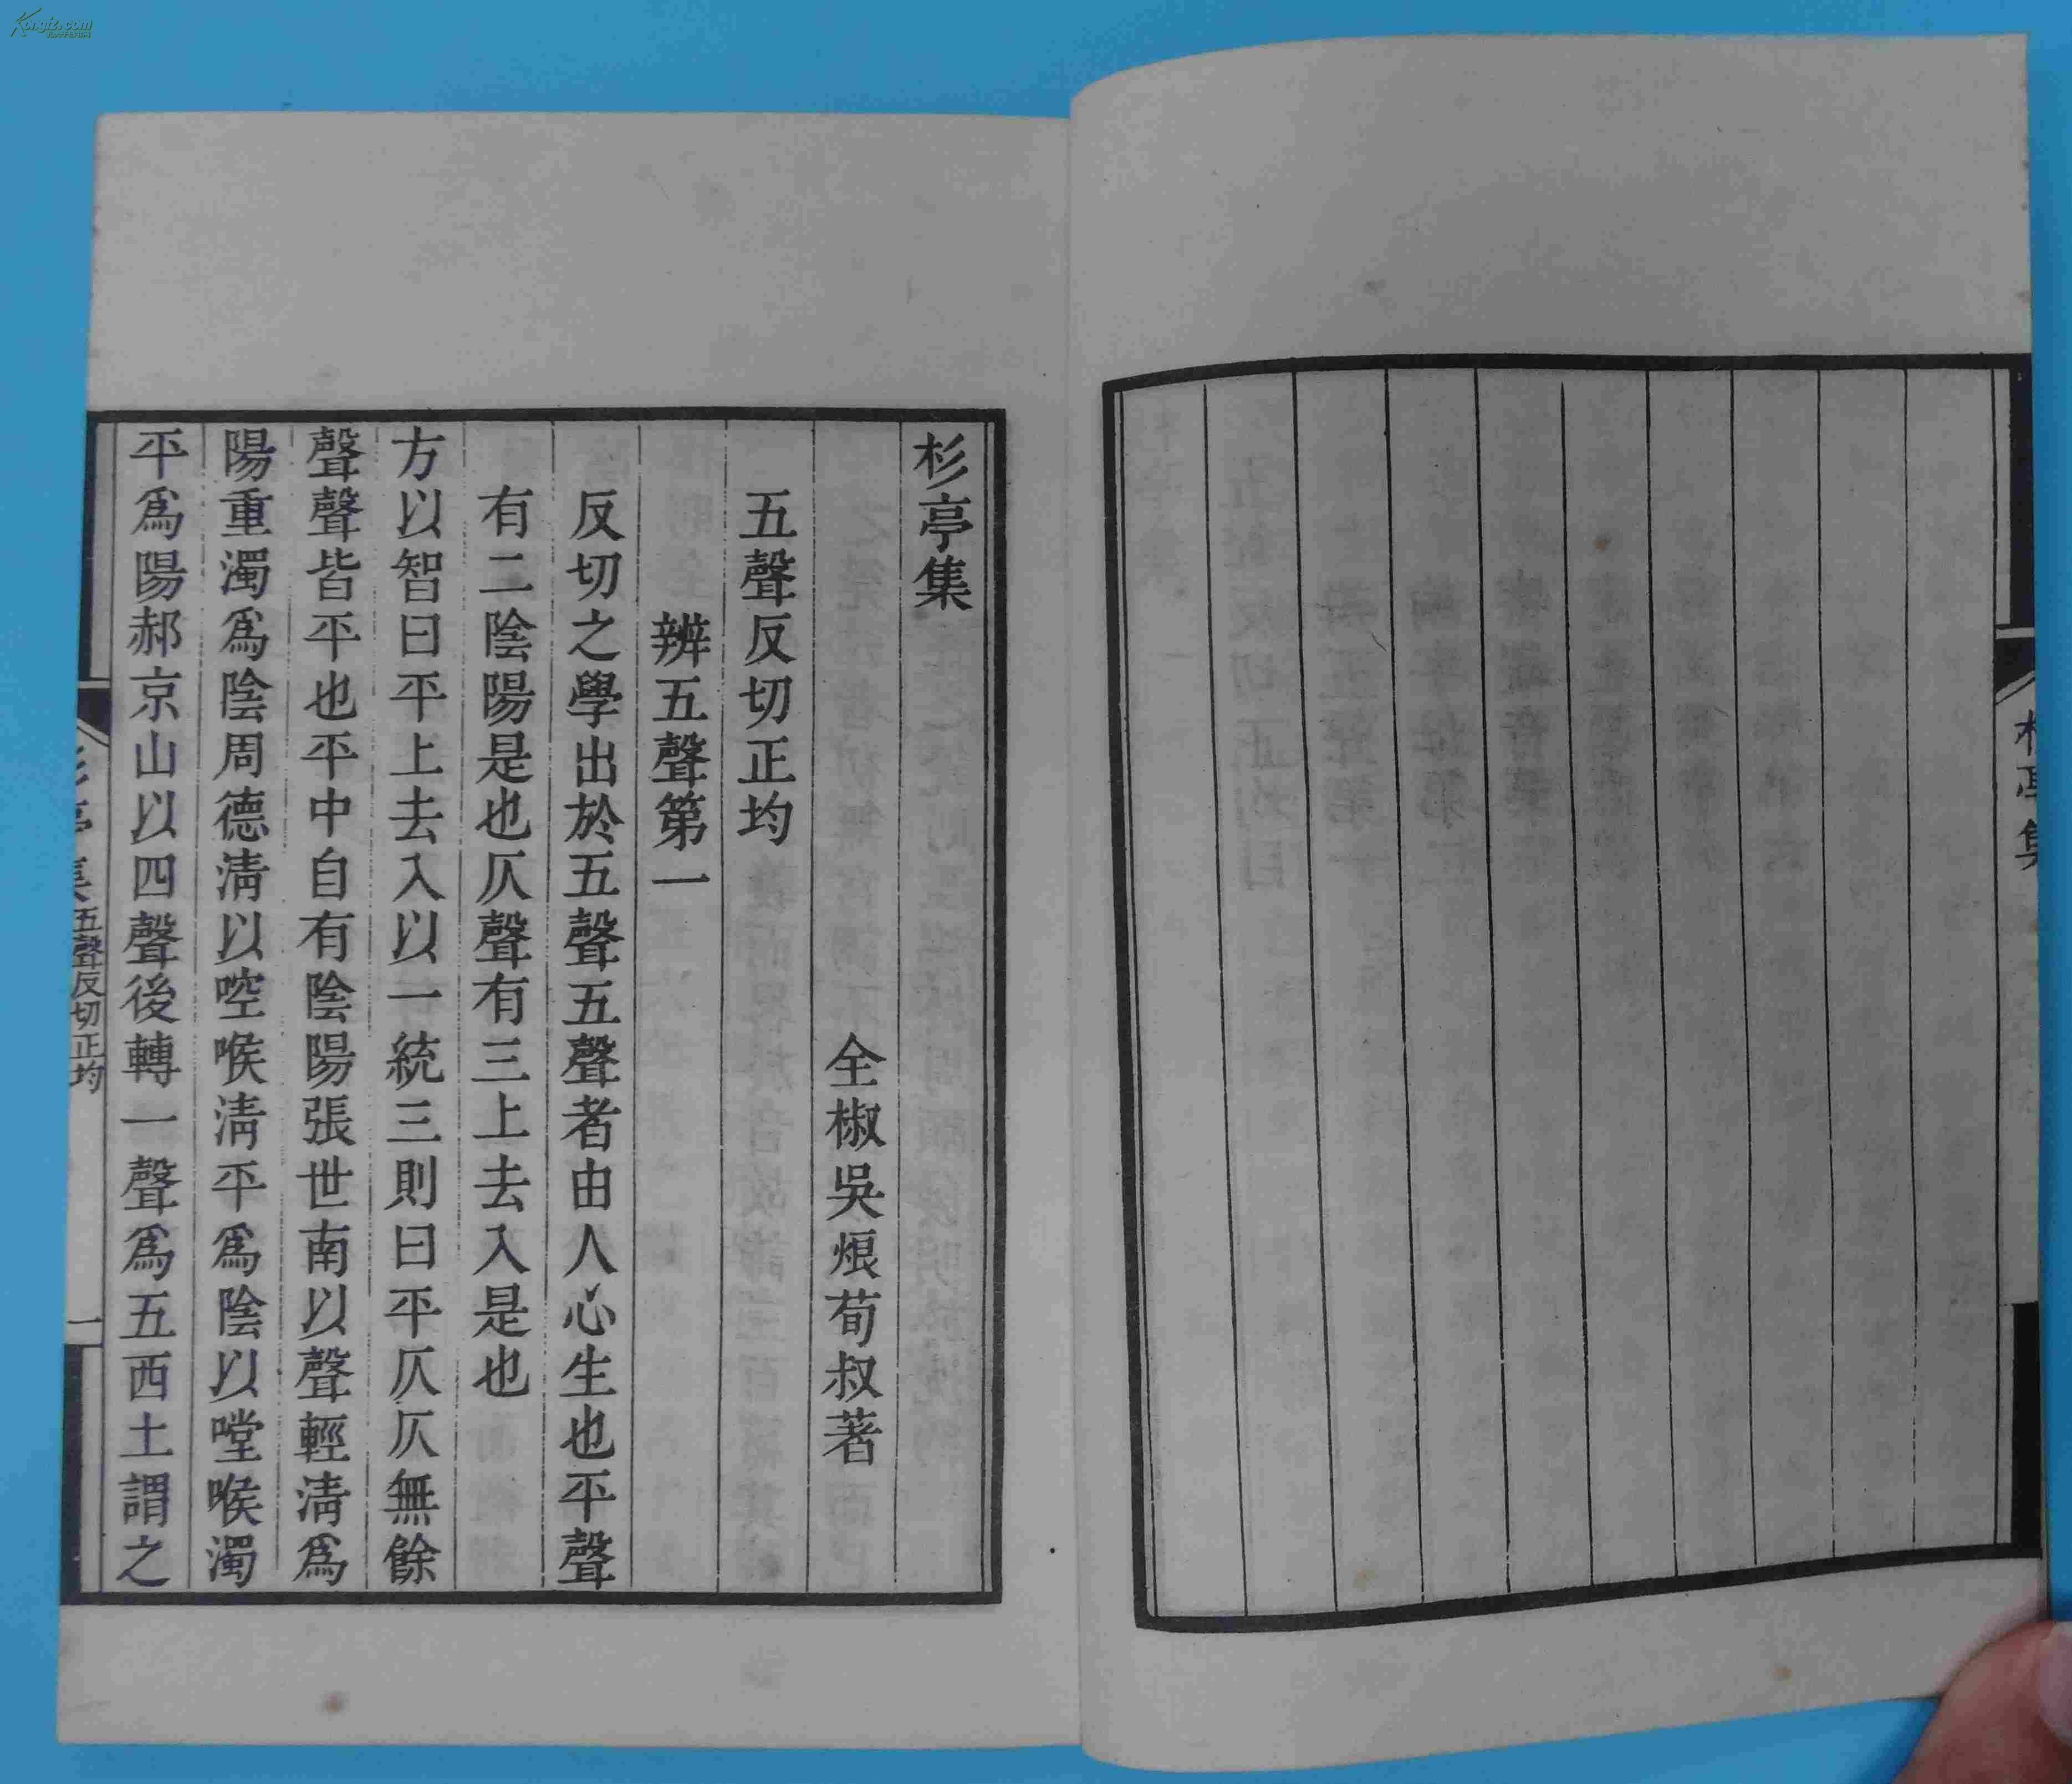 安徽全椒县城人;中国古典文学名著《儒林外史》作者吴敬梓的长子,内容图片